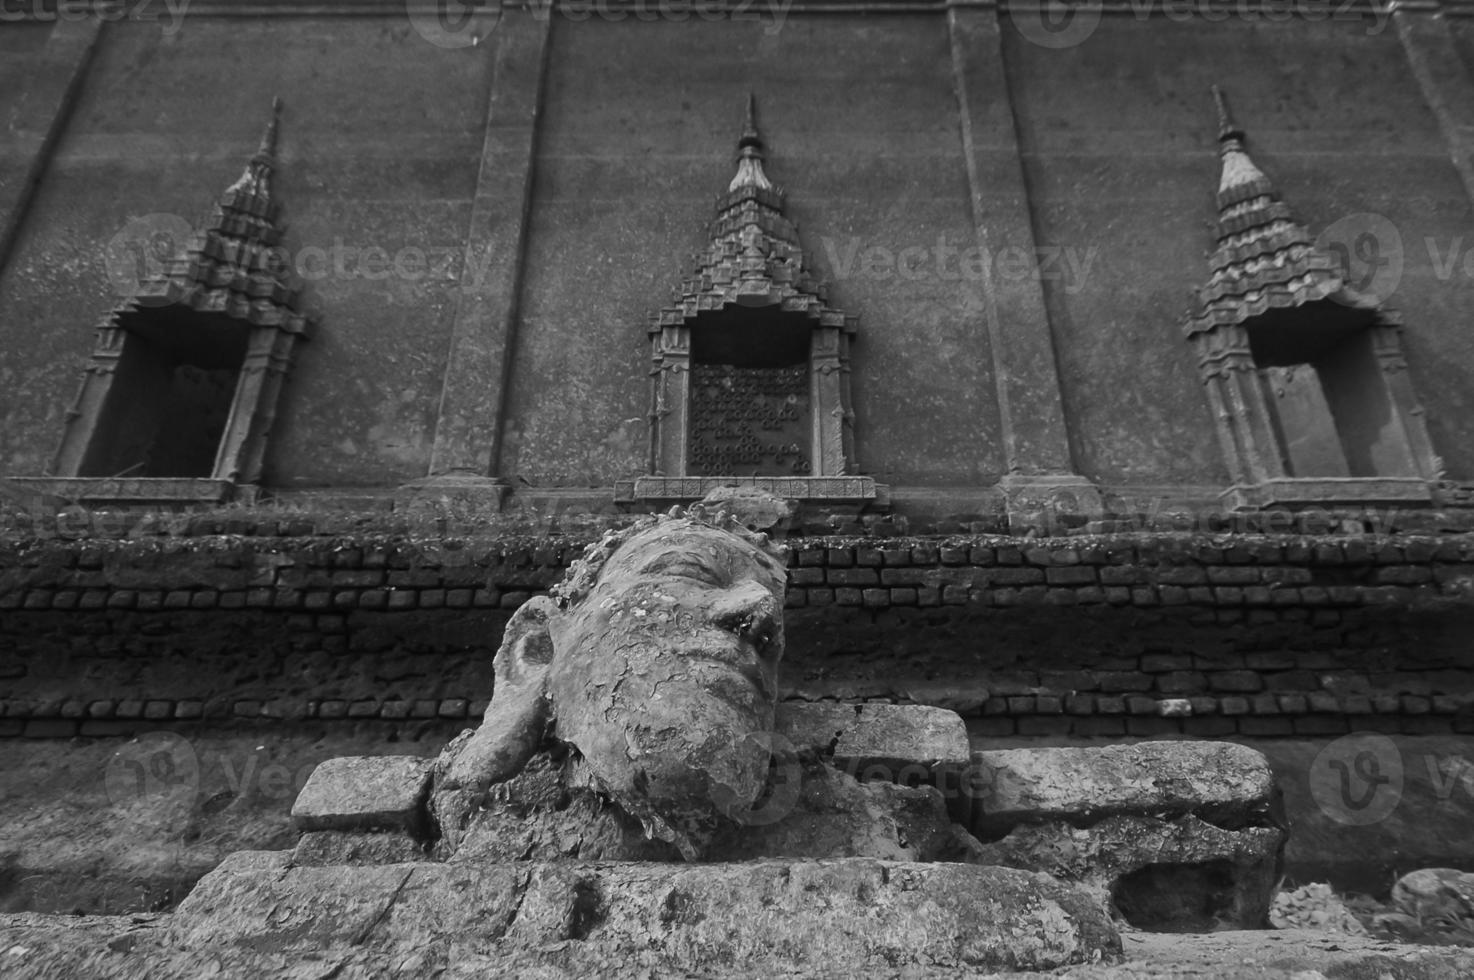 ancienne statue de tête de Bouddha à la ruine du temple sous-marin photo